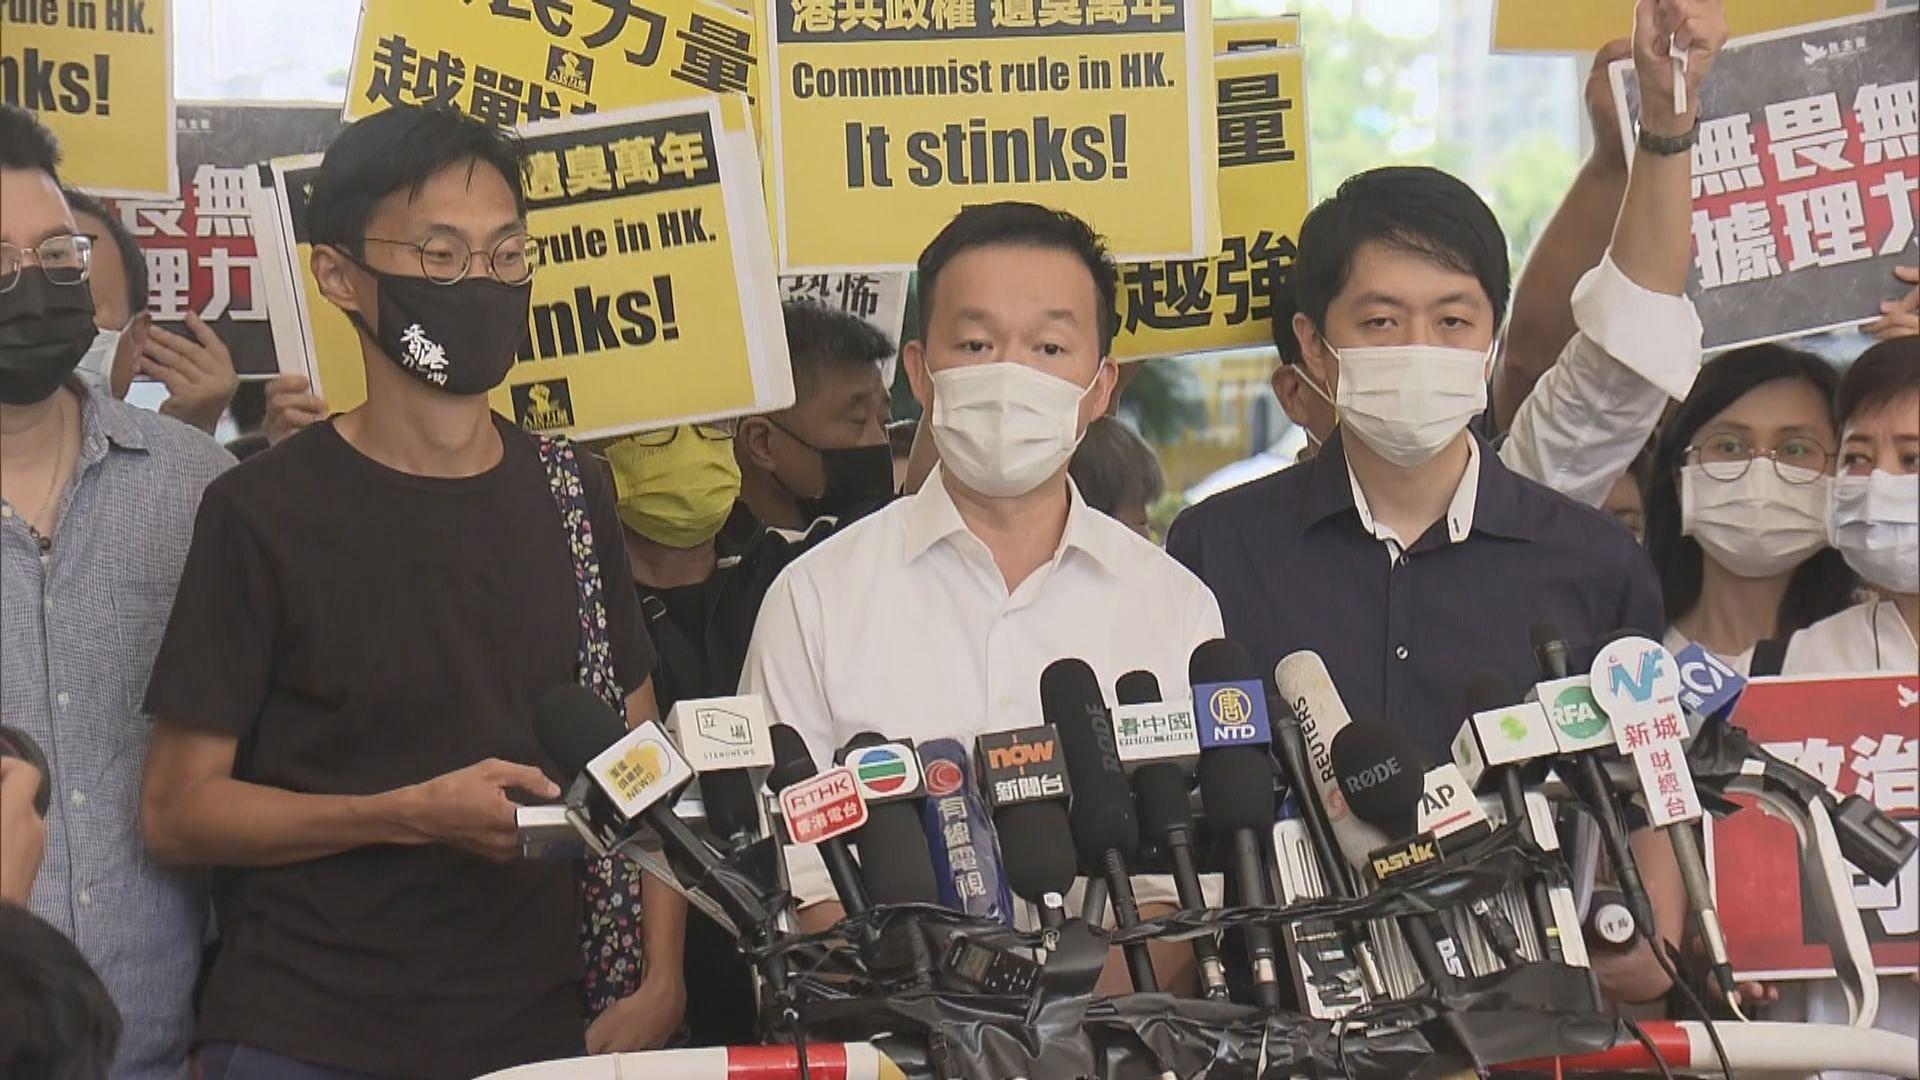 朱凱廸、陳志全、許智峯違反特權法案 押至明年2月再訊